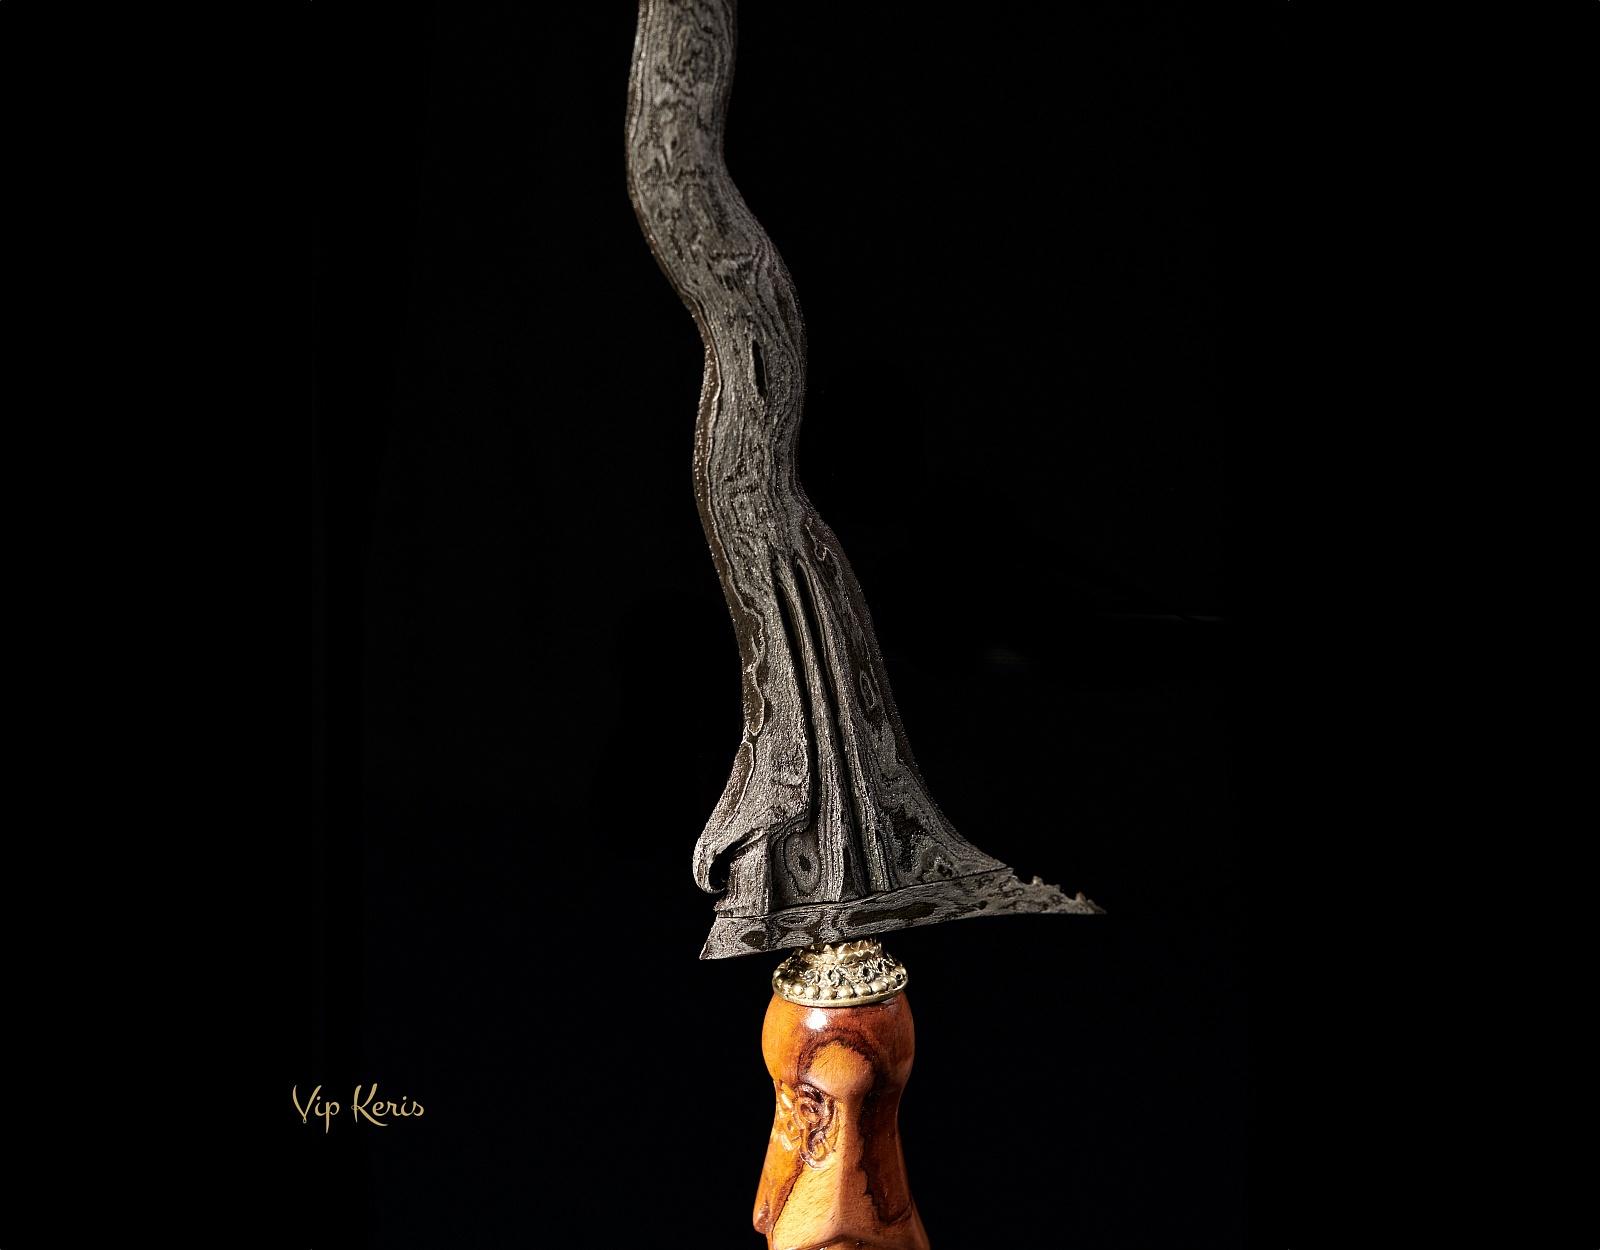 Кинжал Крис Sengkelat 13 Luk, Власть. фото VipKeris